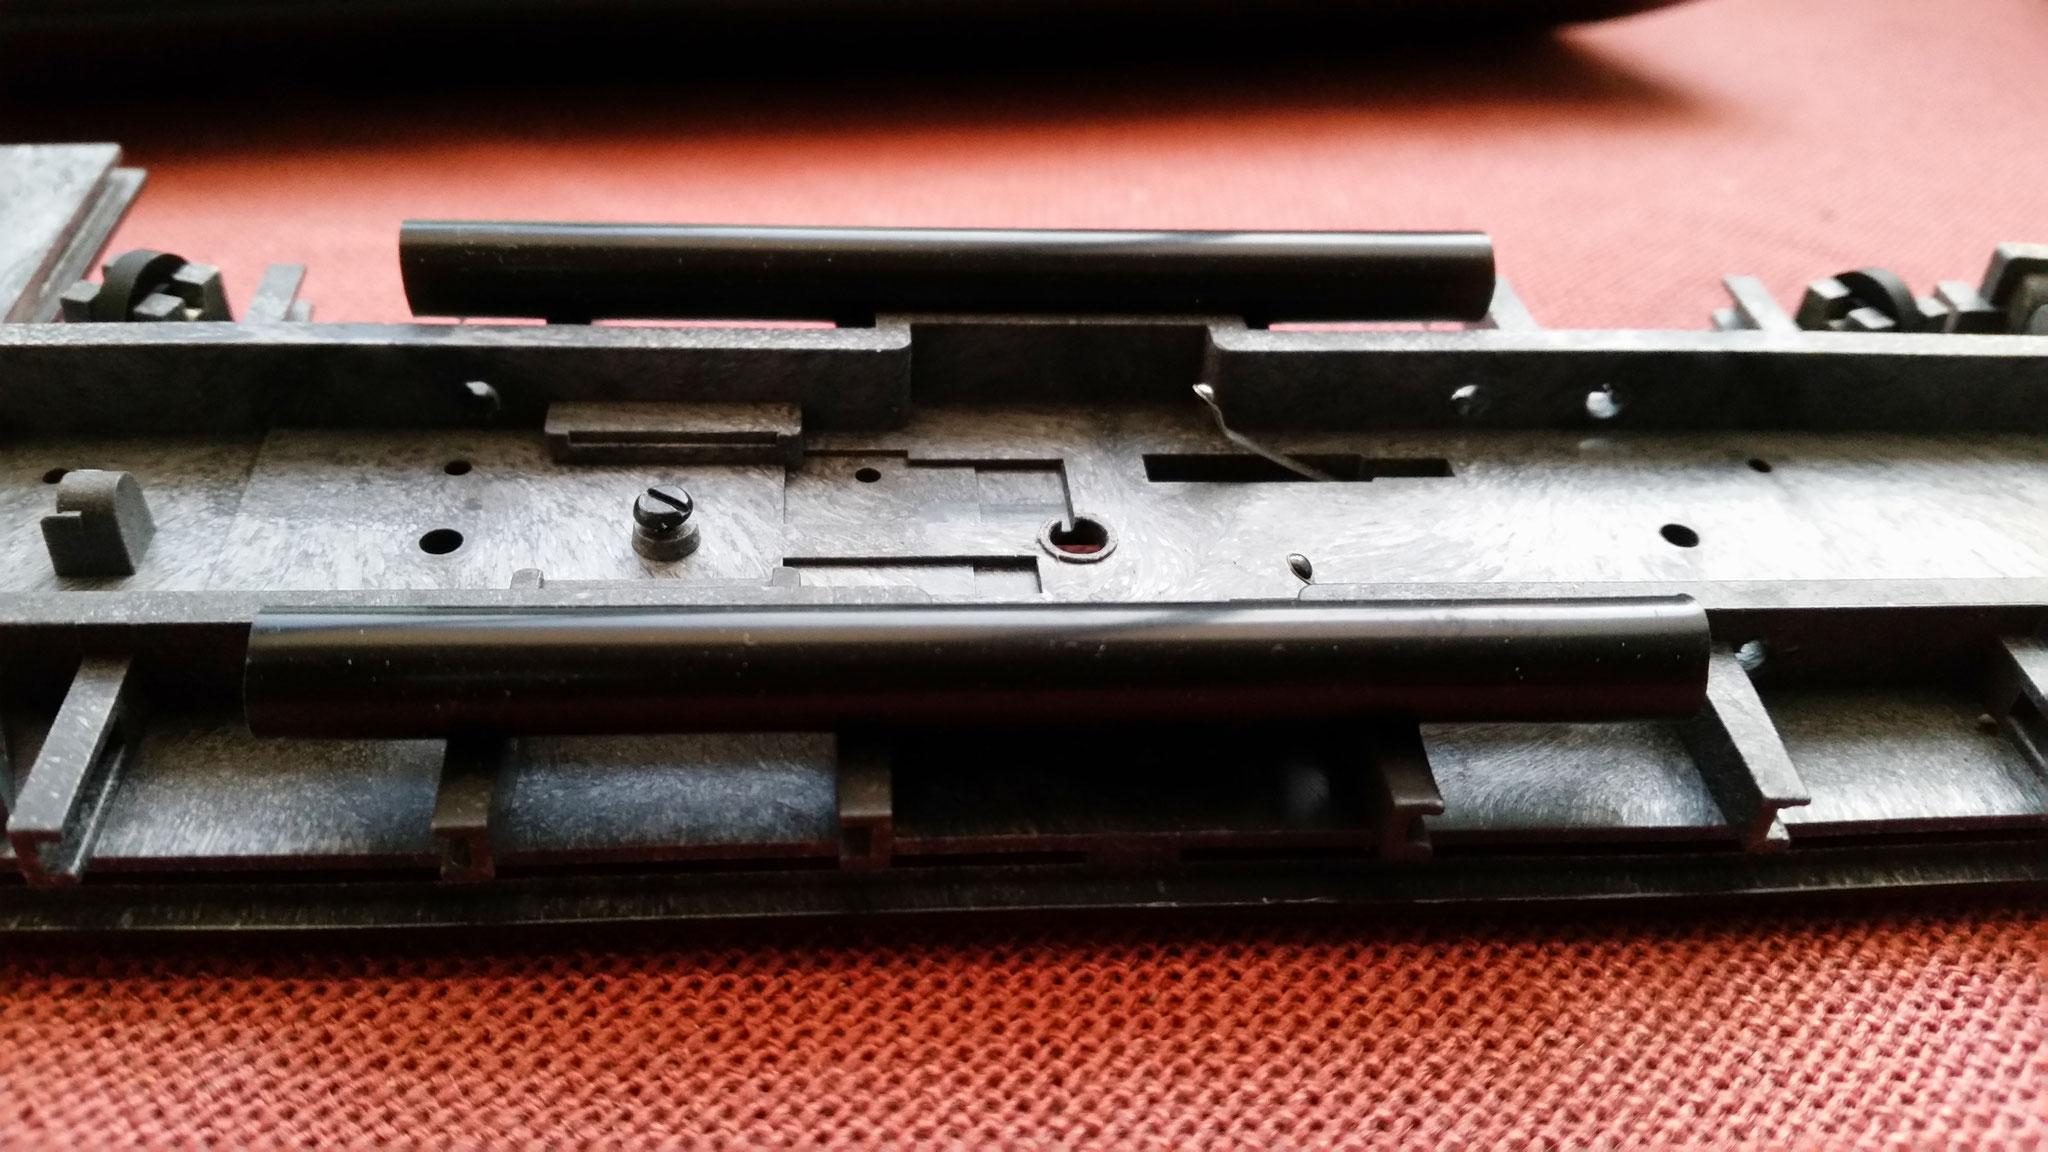 An der Unterseite der Bühne wurden kleine Löcher in die Träger gebohrt und zwei Kabelschächte aus schwarzem Strohhalm angesetzt. Diese dienen später zur einfacheren Verlegung der Kabel.